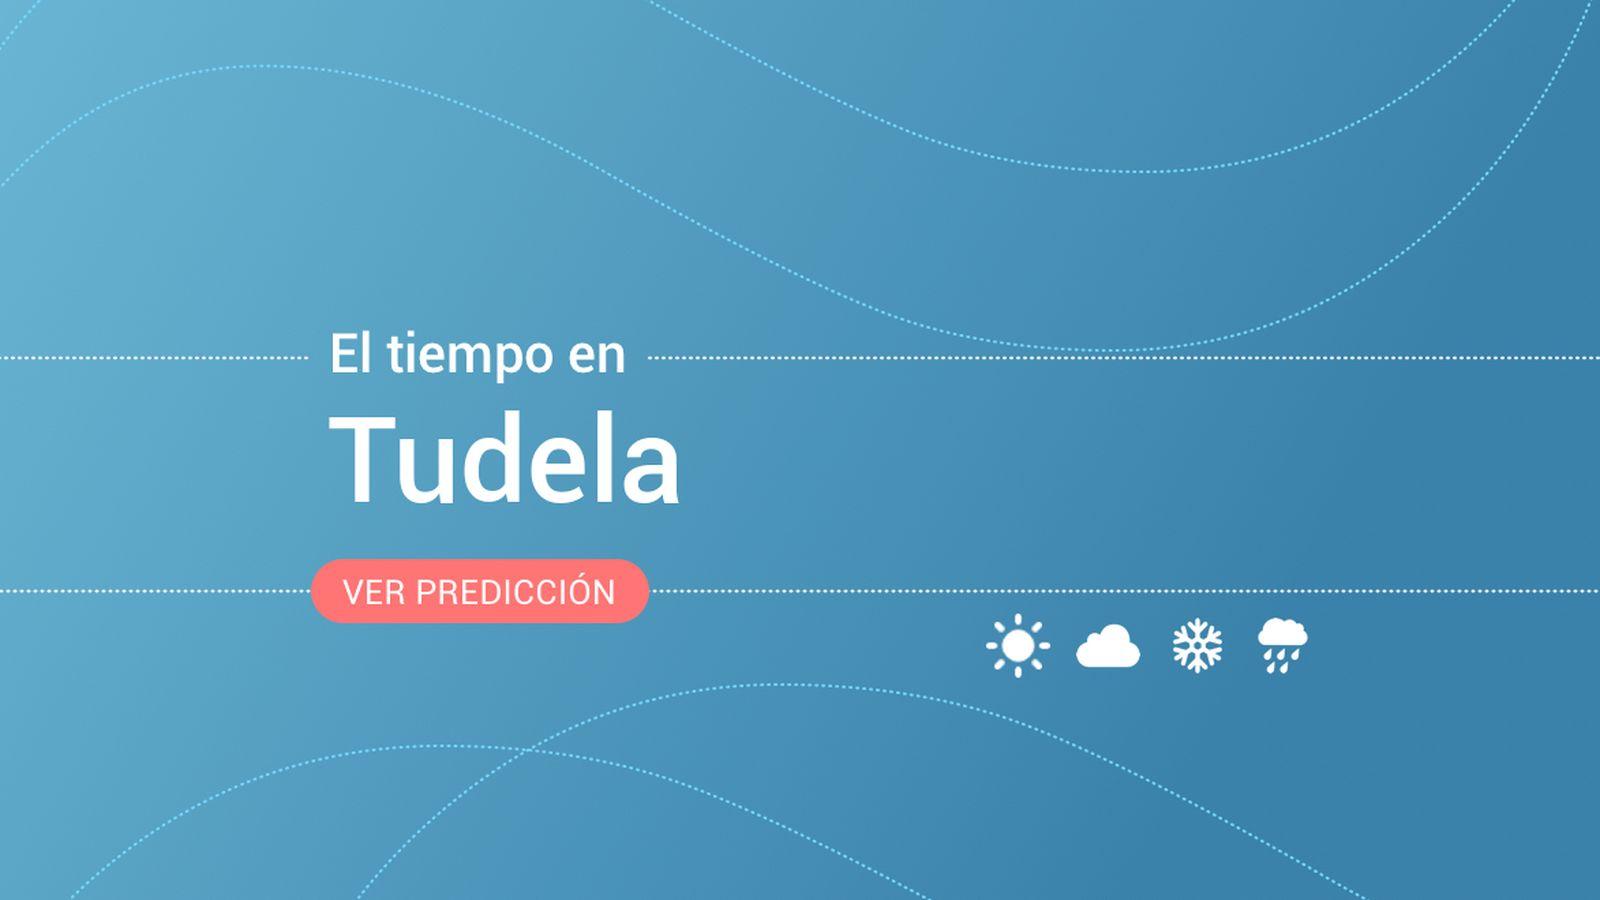 Foto: El tiempo en Tudela. (EC)